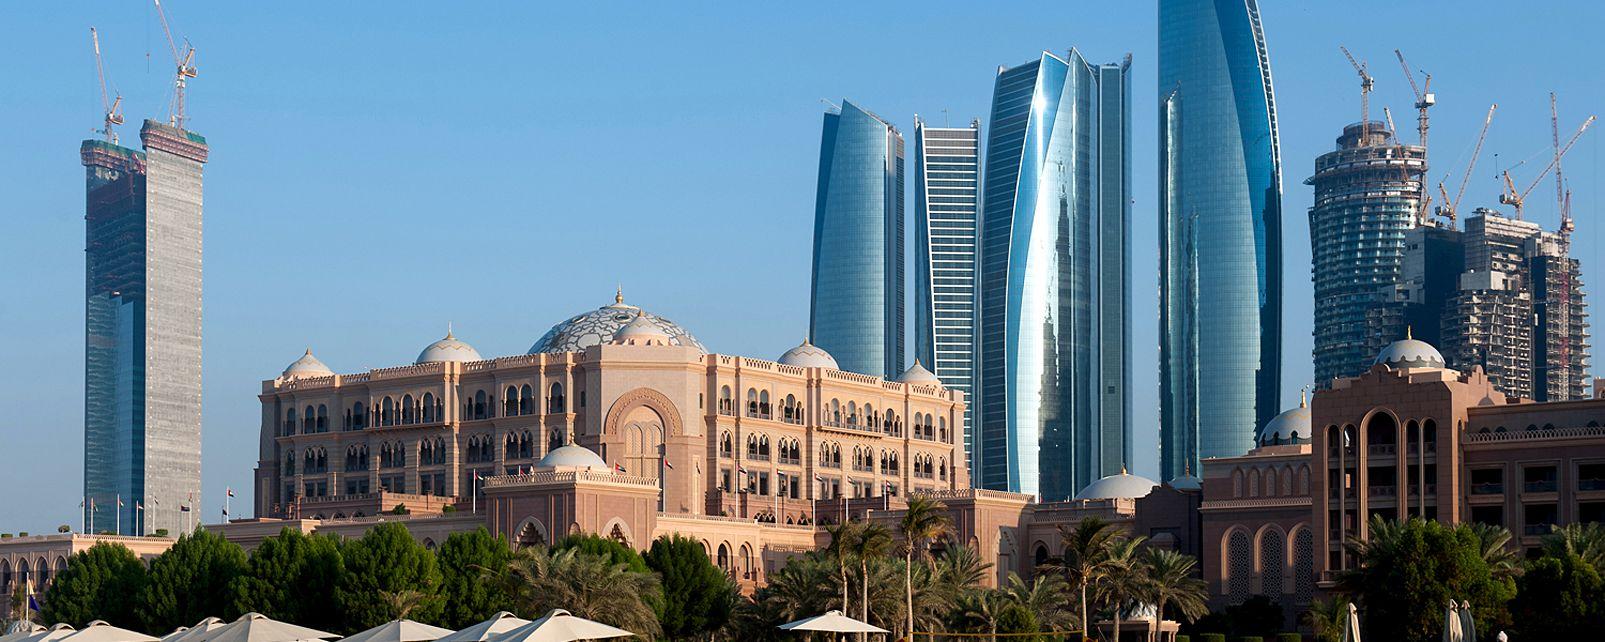 Www Emirates Palace Hotel Abu Dhabi